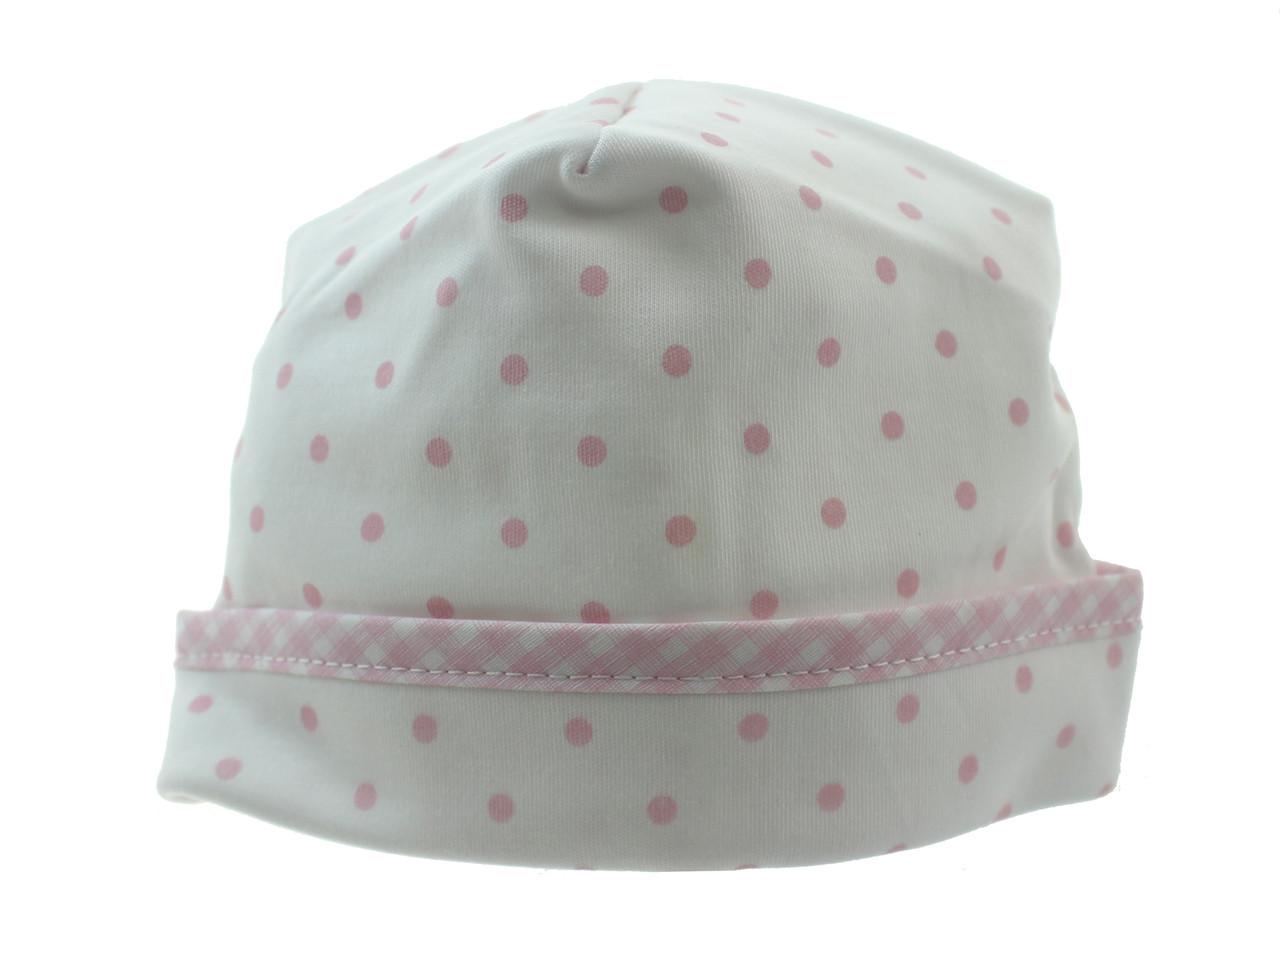 68d66428cd7 Newborn Girls Take Home Hat